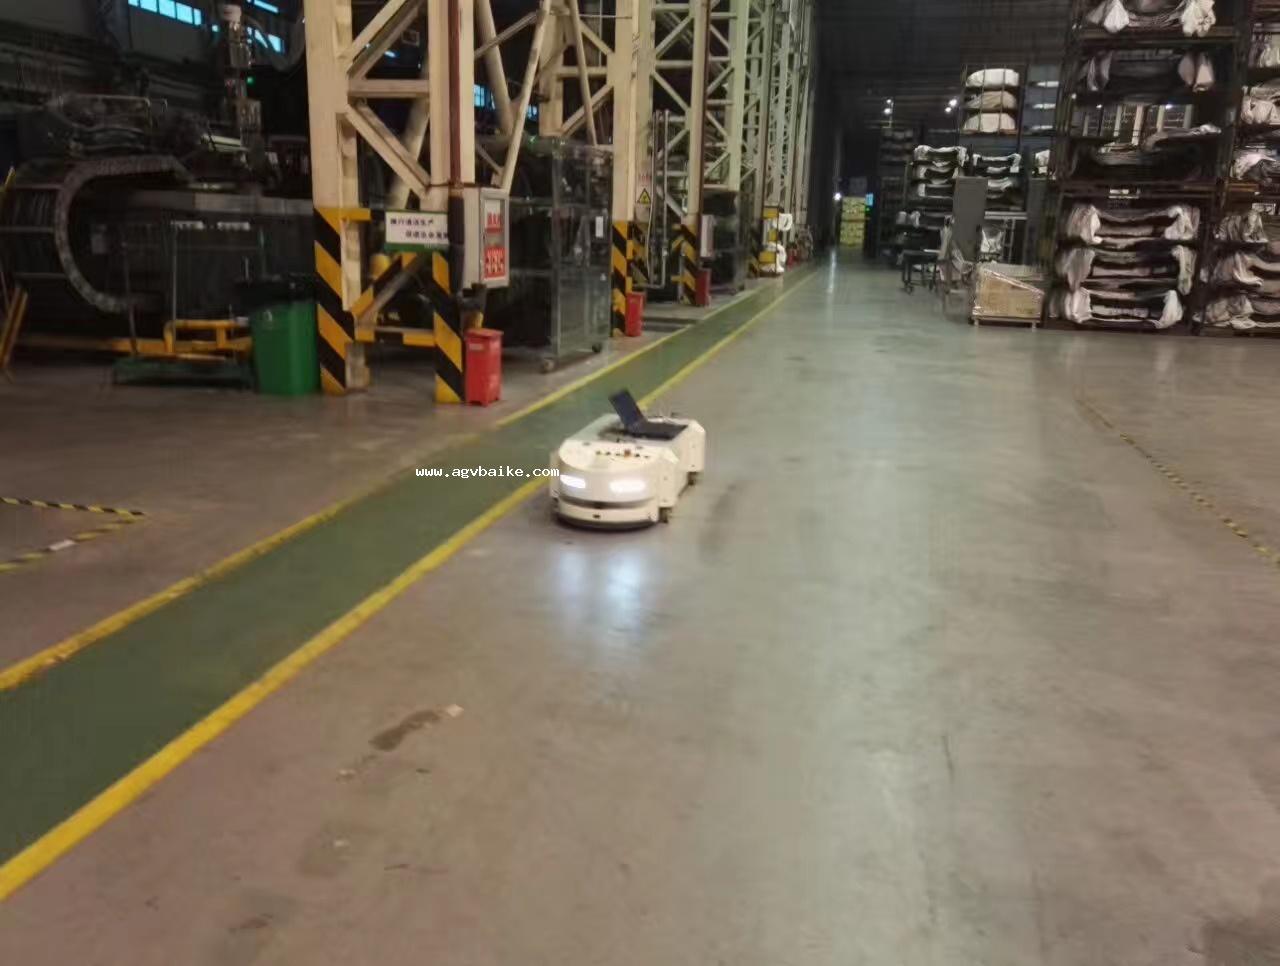 AGV智能物流小车注意事项